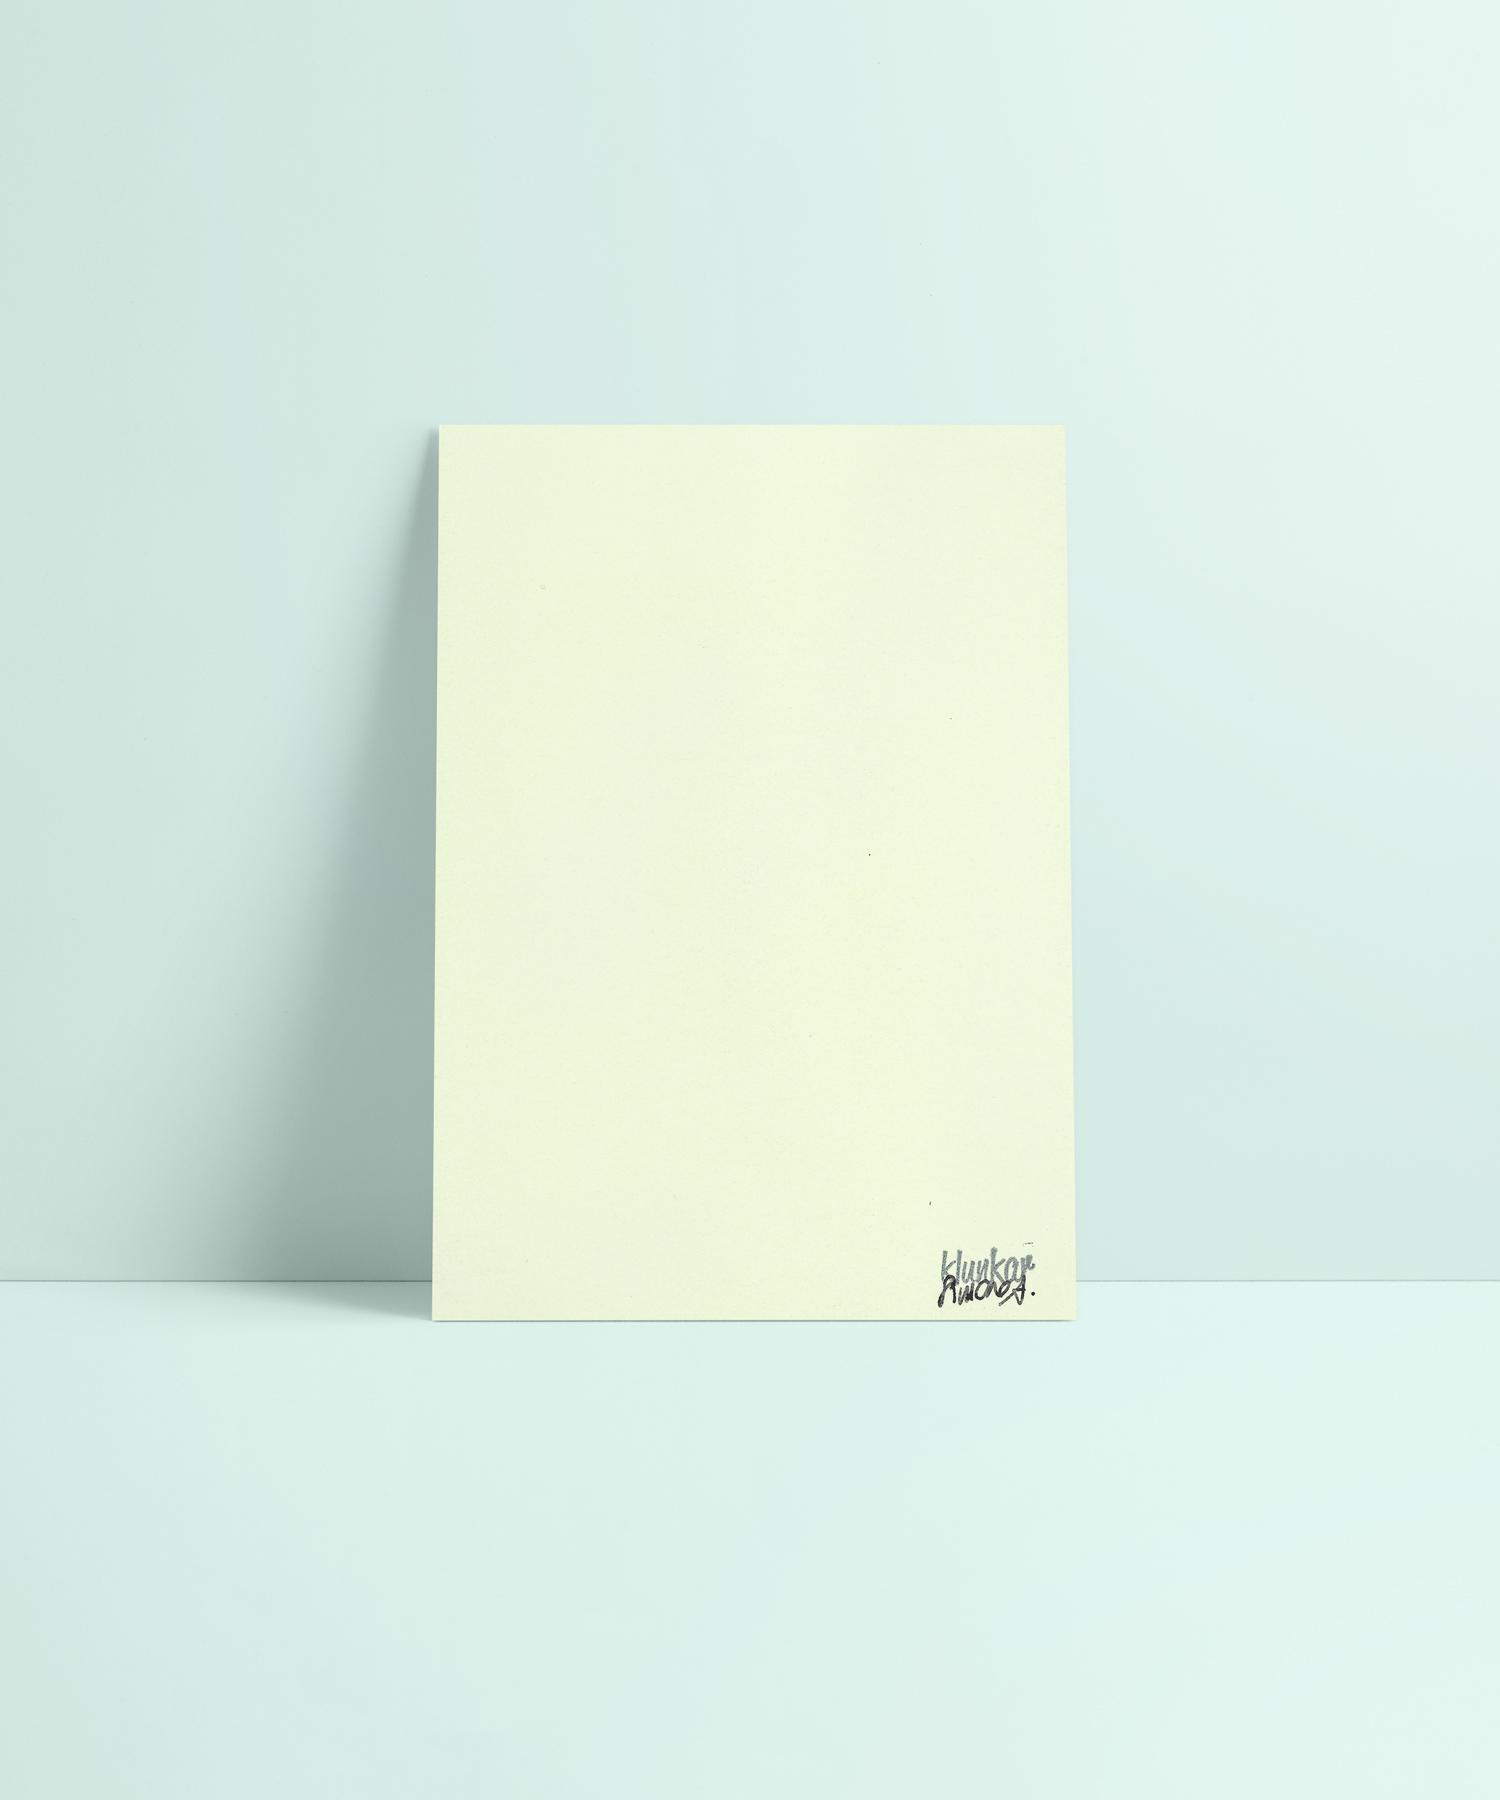 Sleep is Gold Karte Rückseite. Schimmerndes Metallic Papier in Mint.